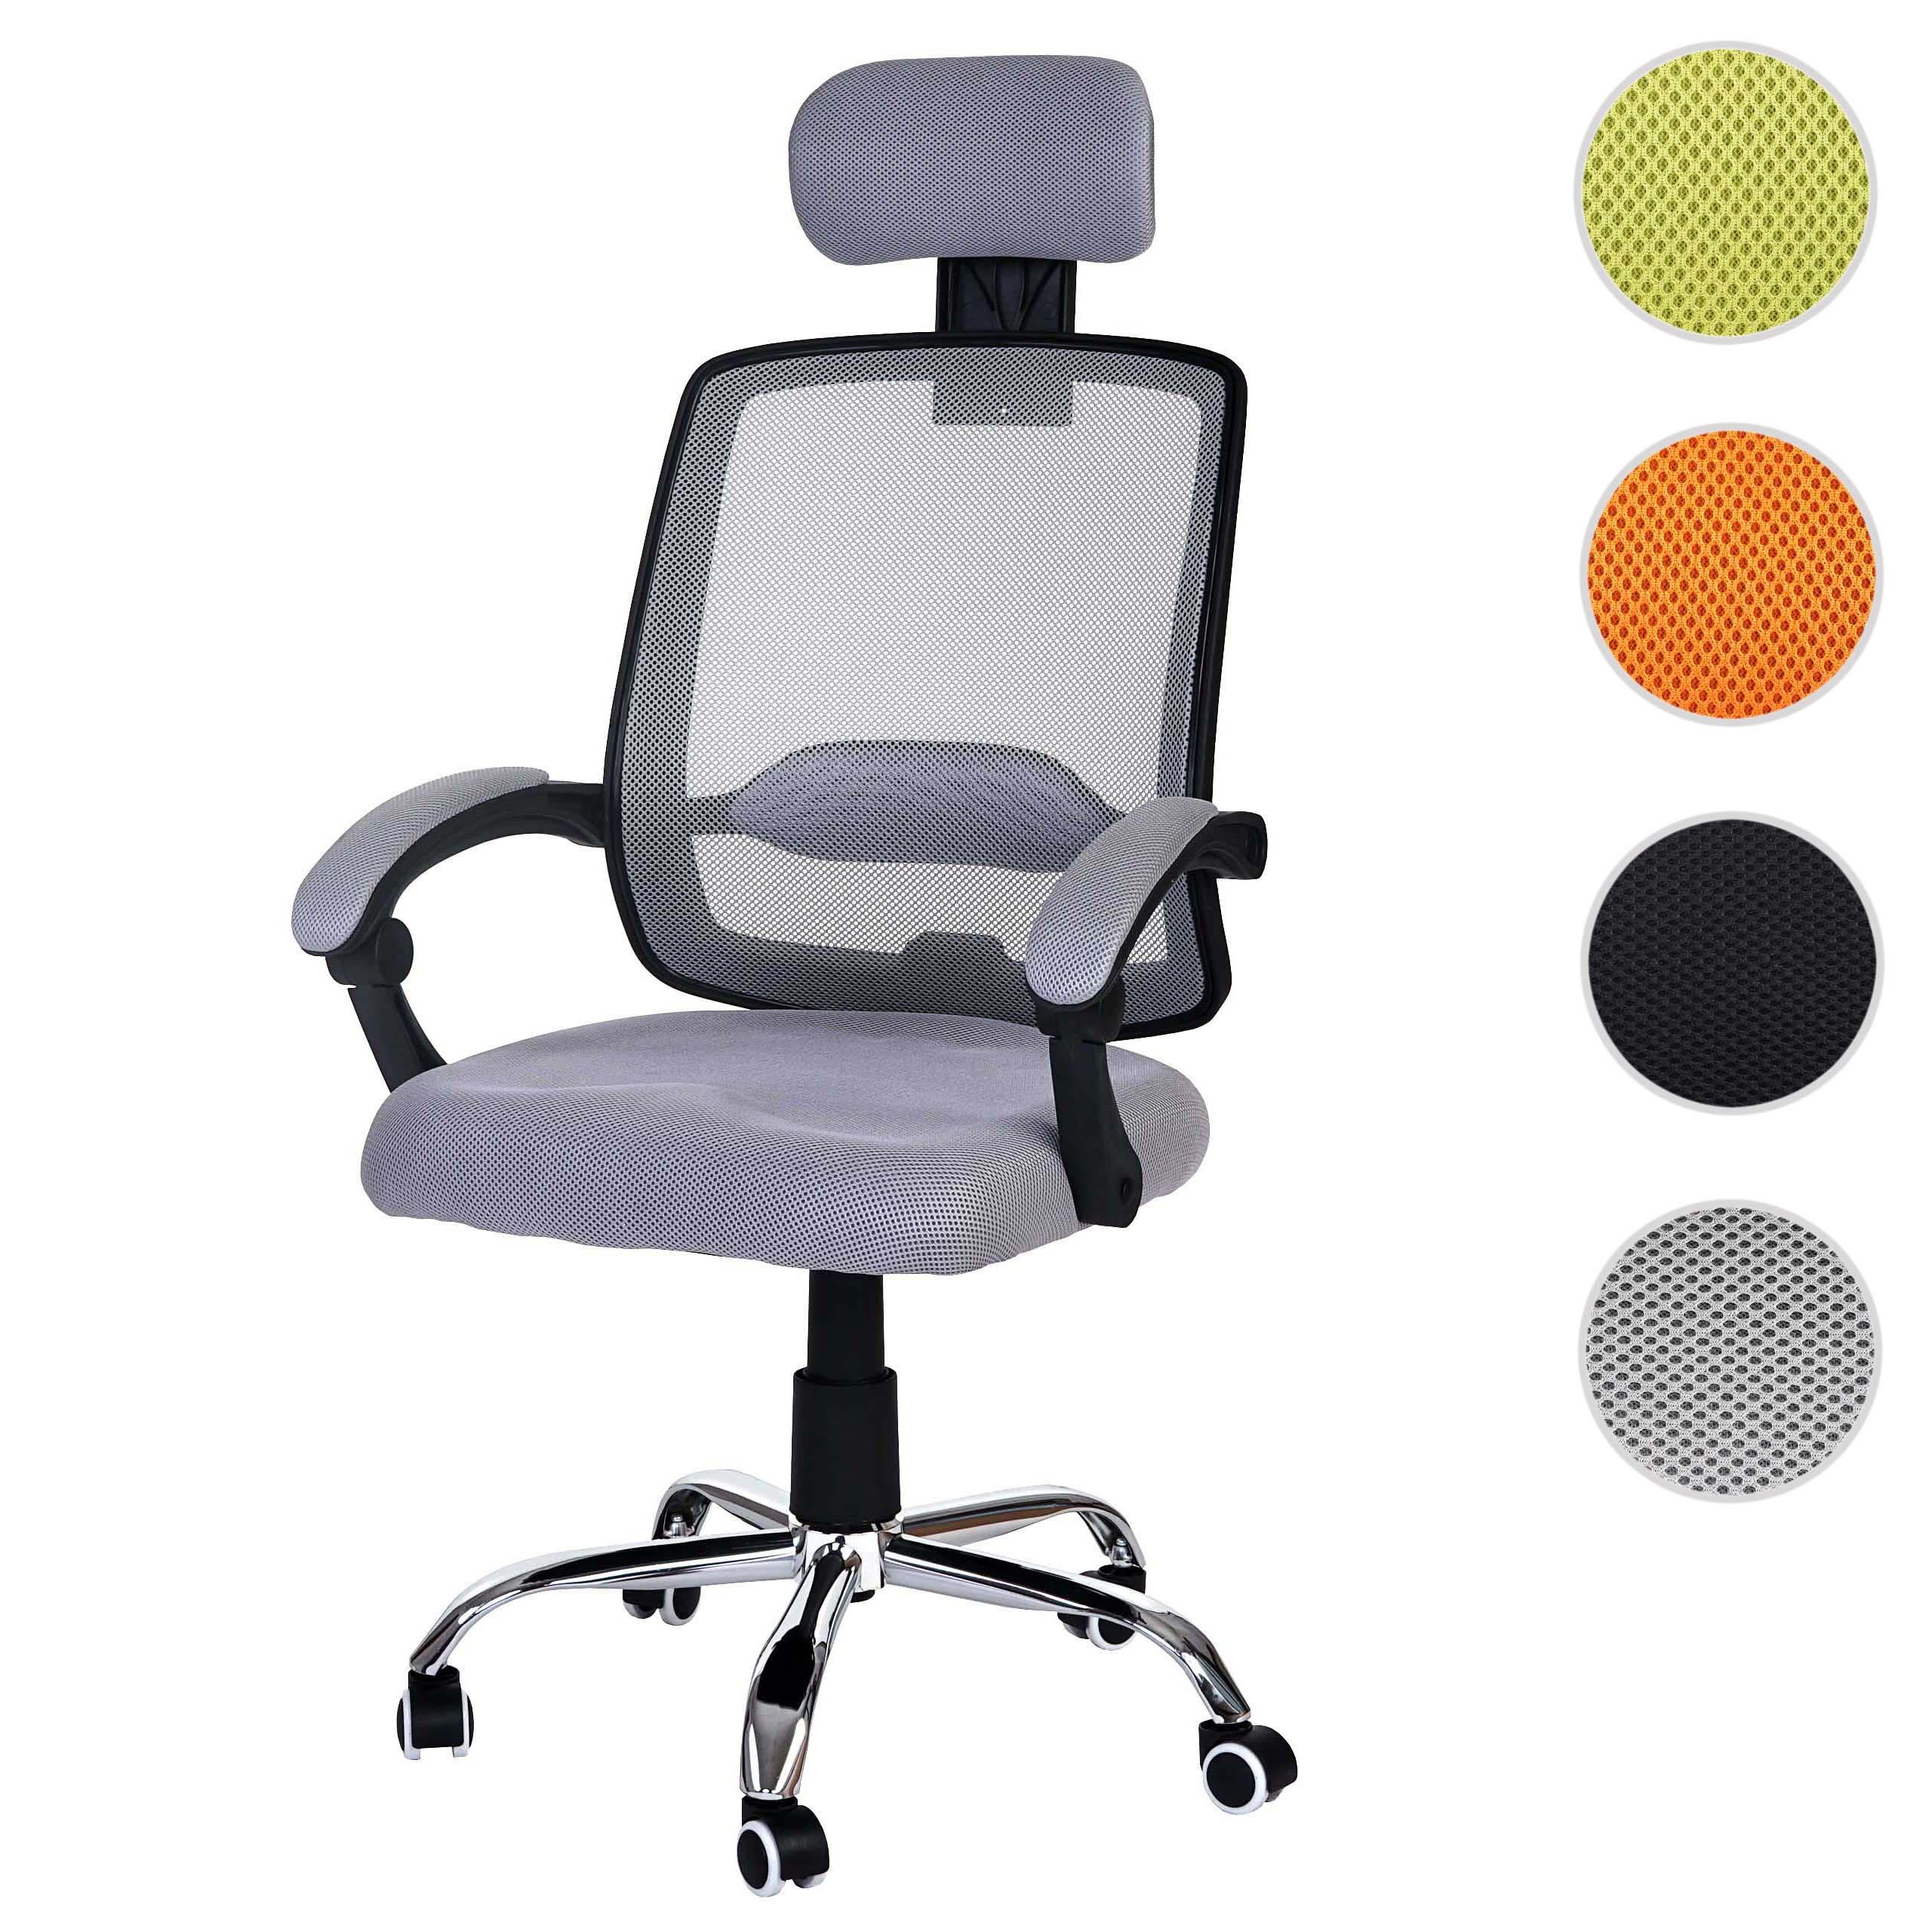 Kopfstützen für Sessel